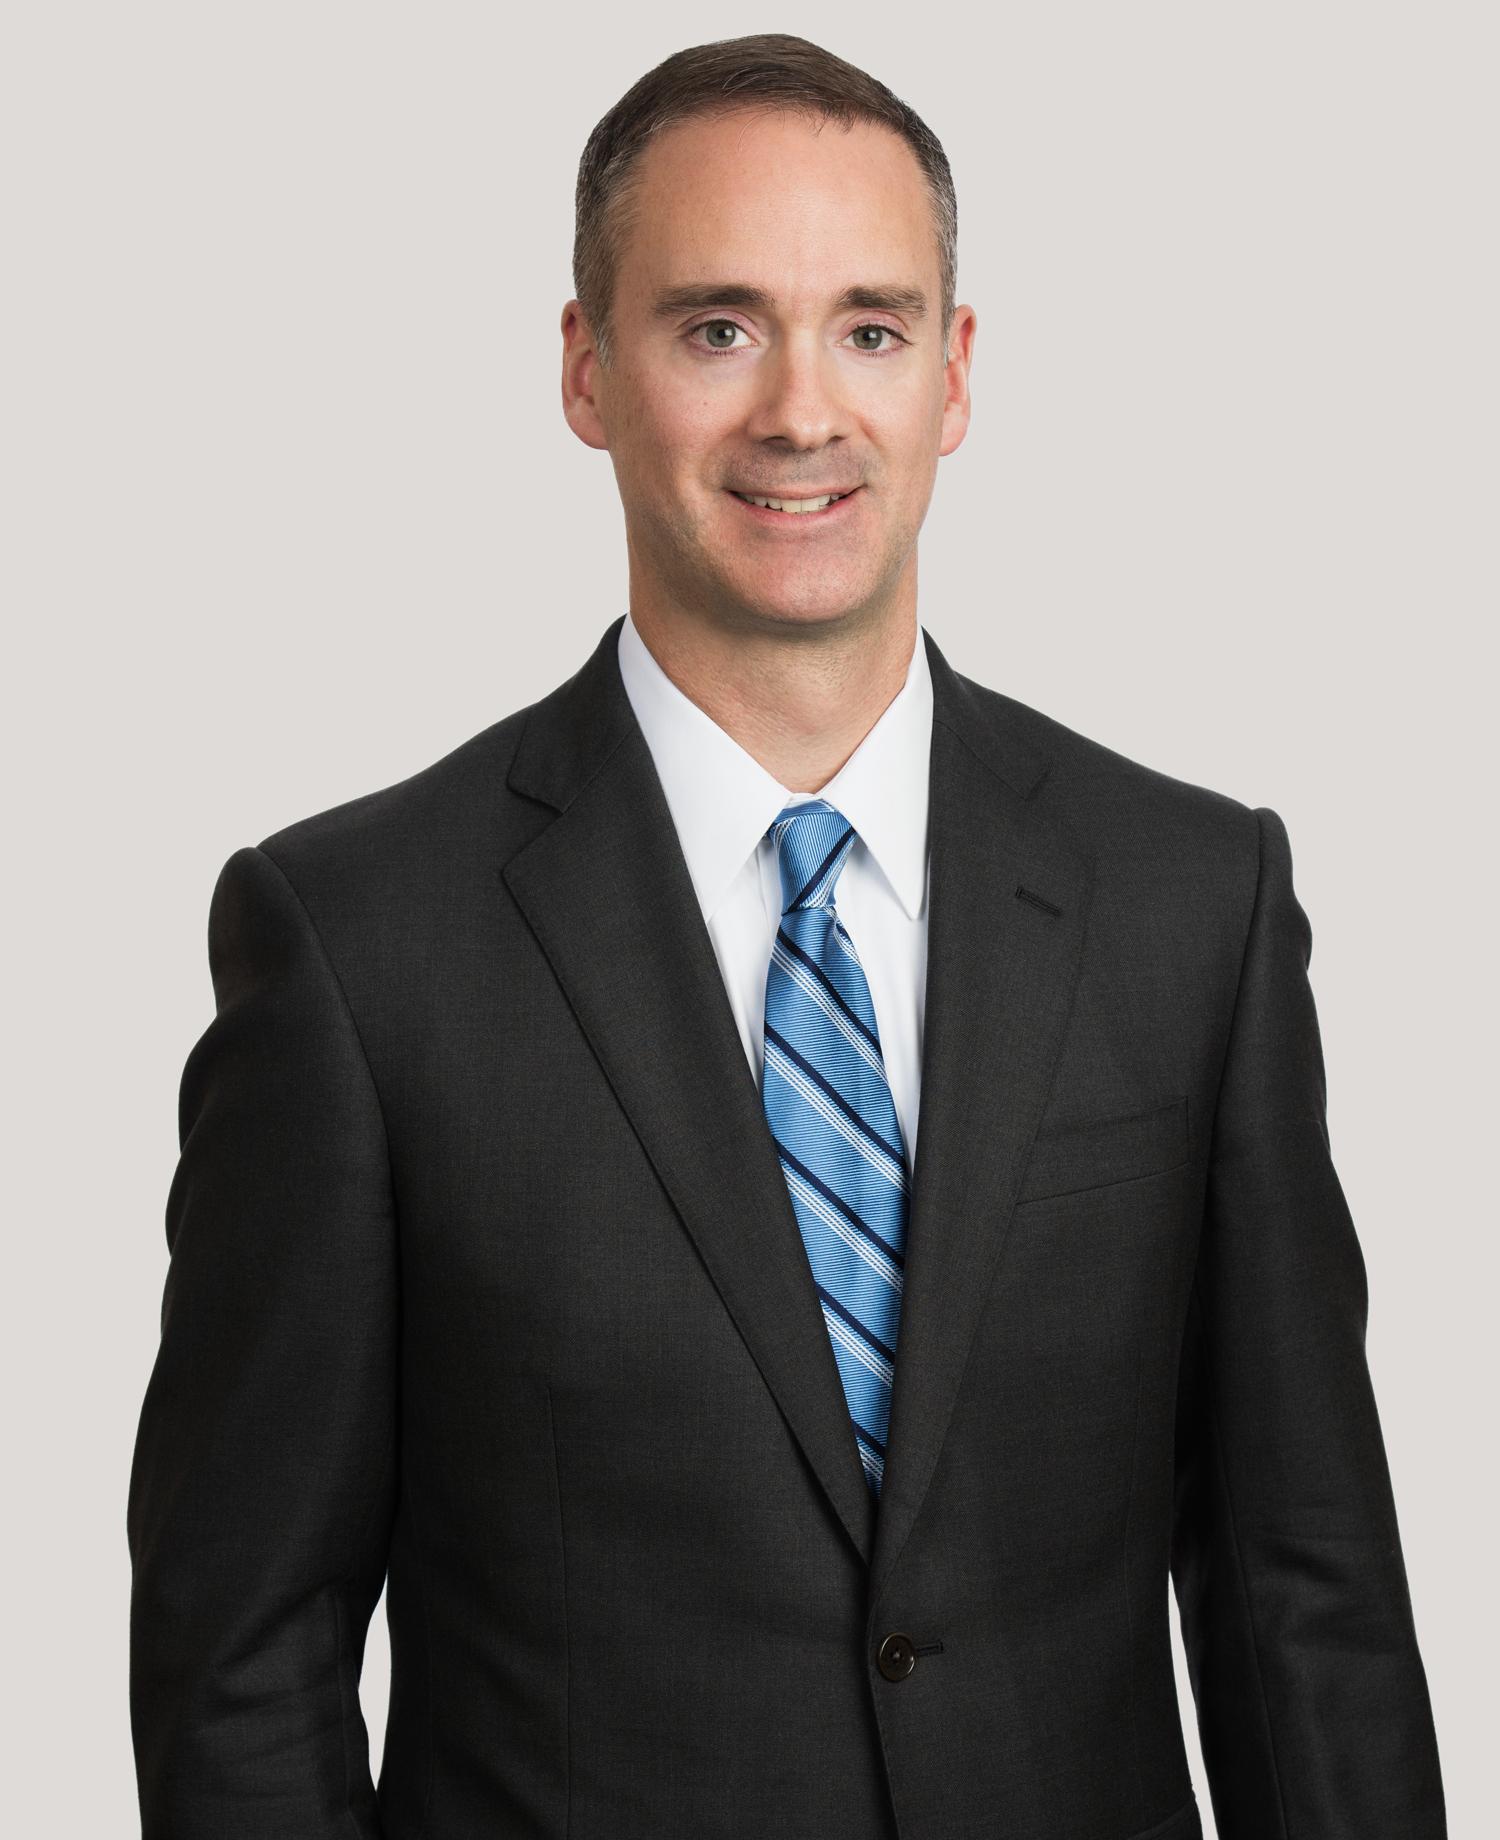 Mark E. Rooney